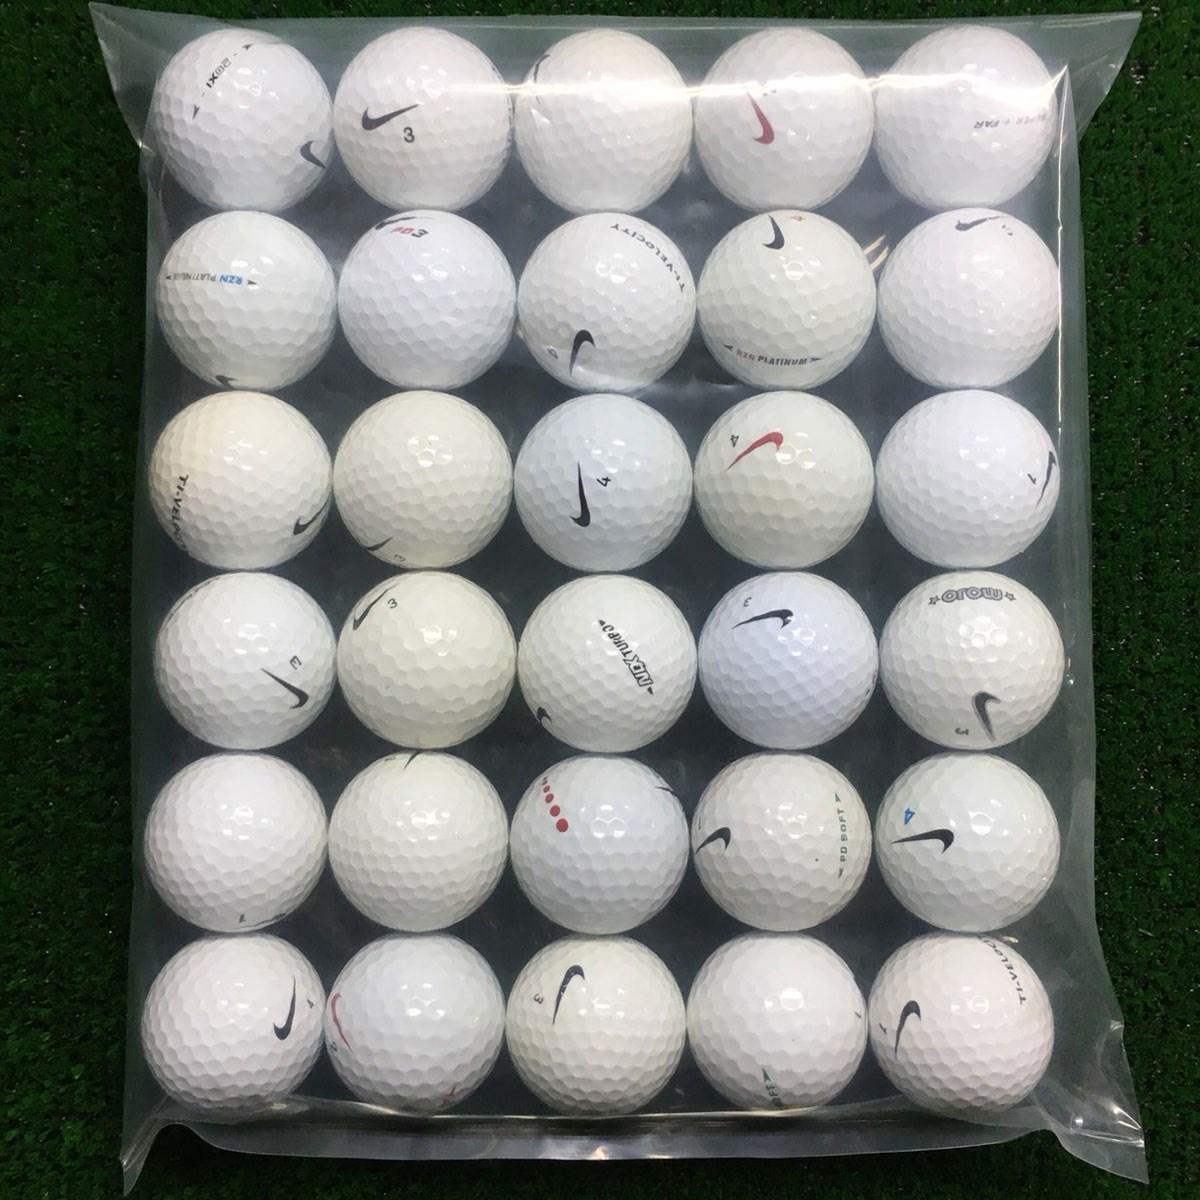 ロストボール Lost Ball NIKE 混合 ボール 30個セット 30個入り ホワイト